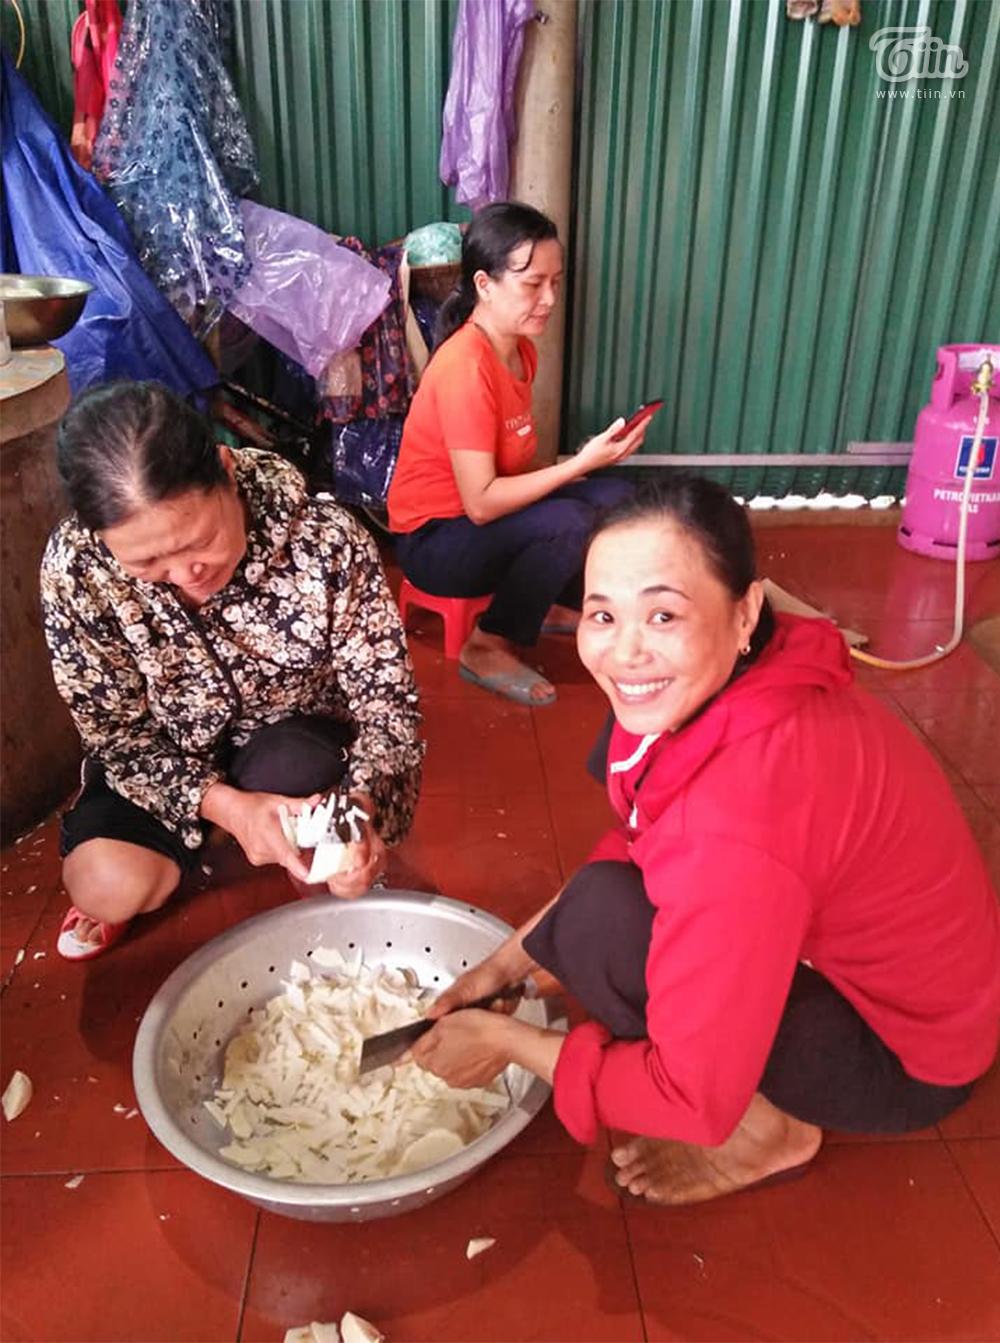 Quảng Trị: Ấm lòng người dân vùng lũ góp lương thực nấu đồ ăn tiếp tế cho vùng ngập nặng hơn 1